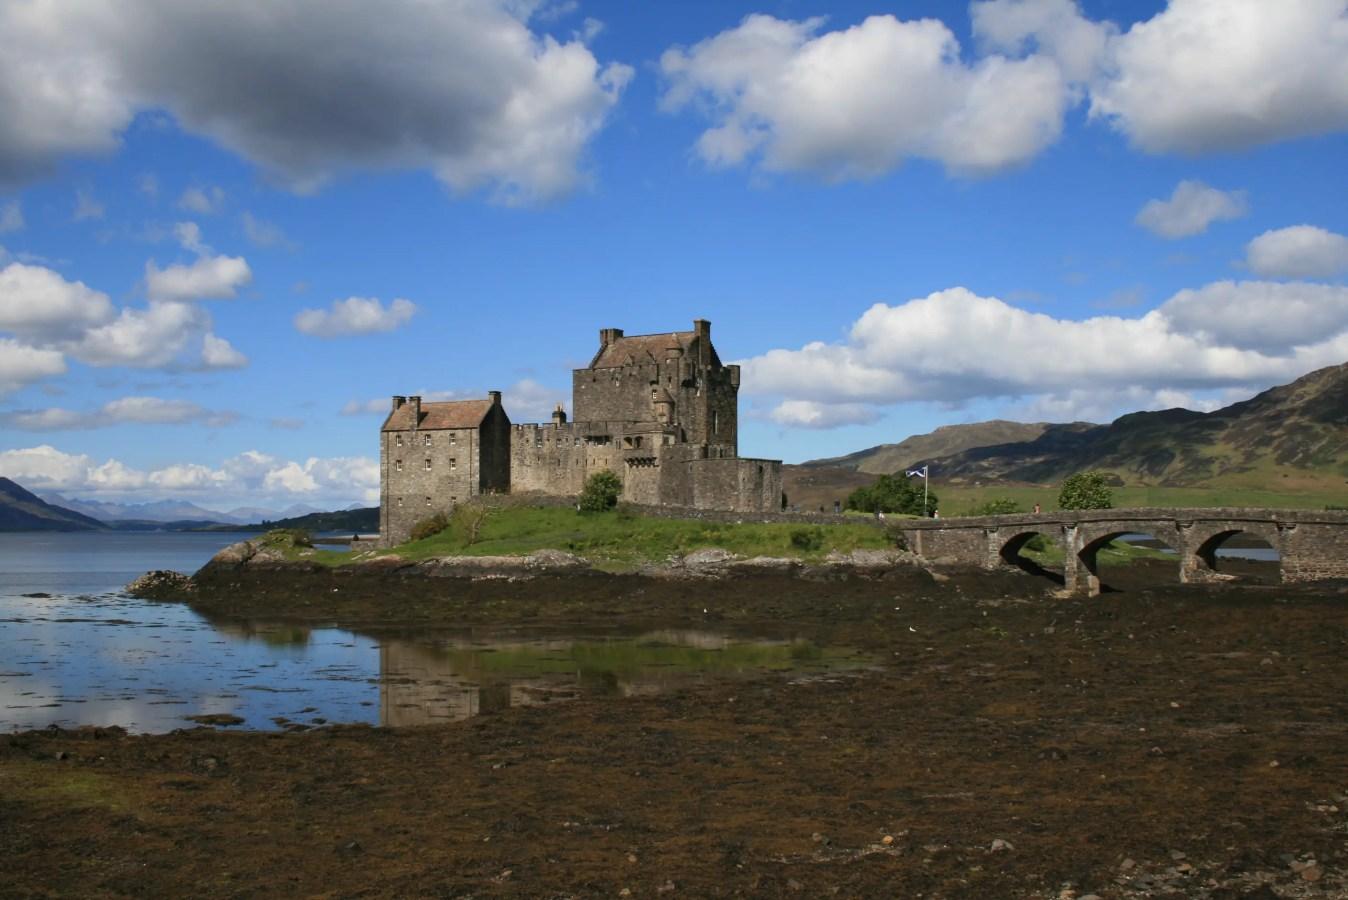 schottische Gespensterburgen, Gespensterschlösser, Sehenswürdigkeiten Schottland